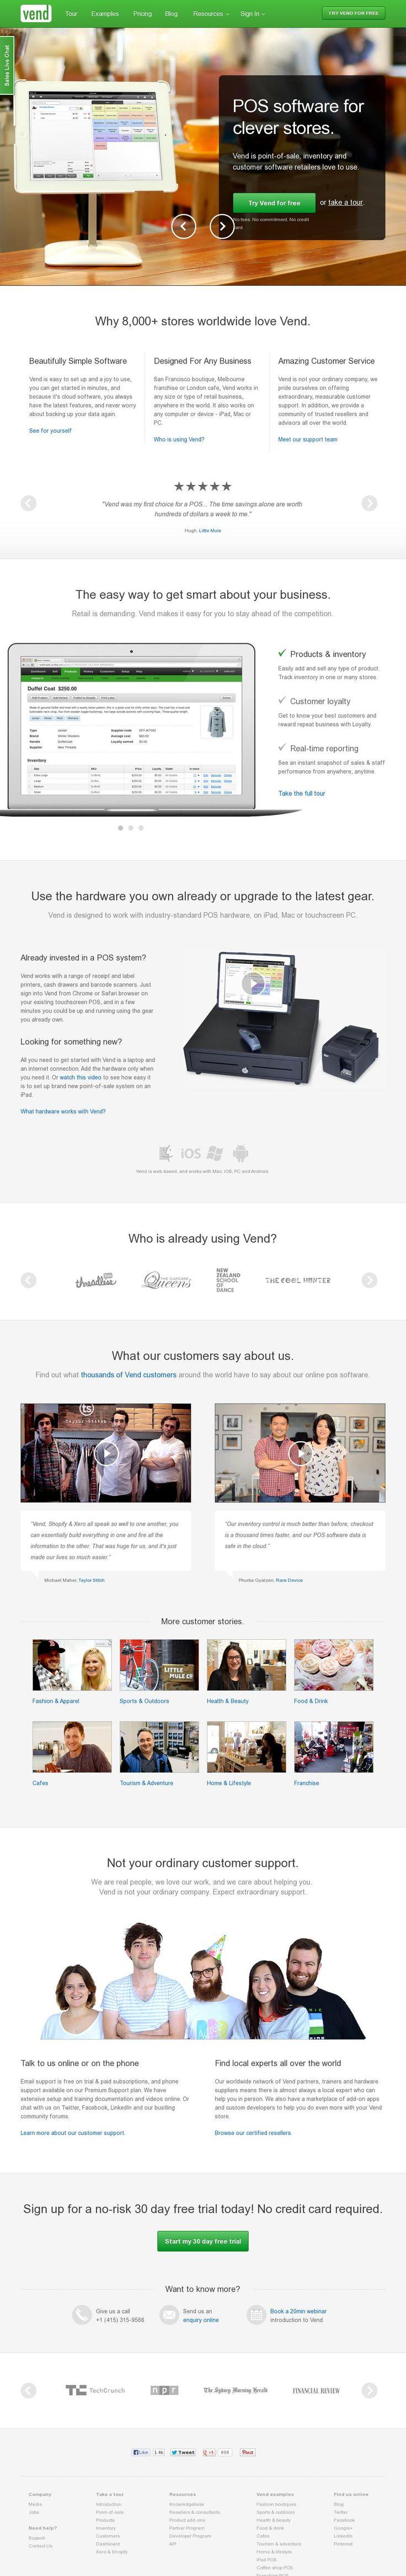 The website 'http://www.vendhq.com/' courtesy of @Pinstamatic (http://pinstamatic.com)